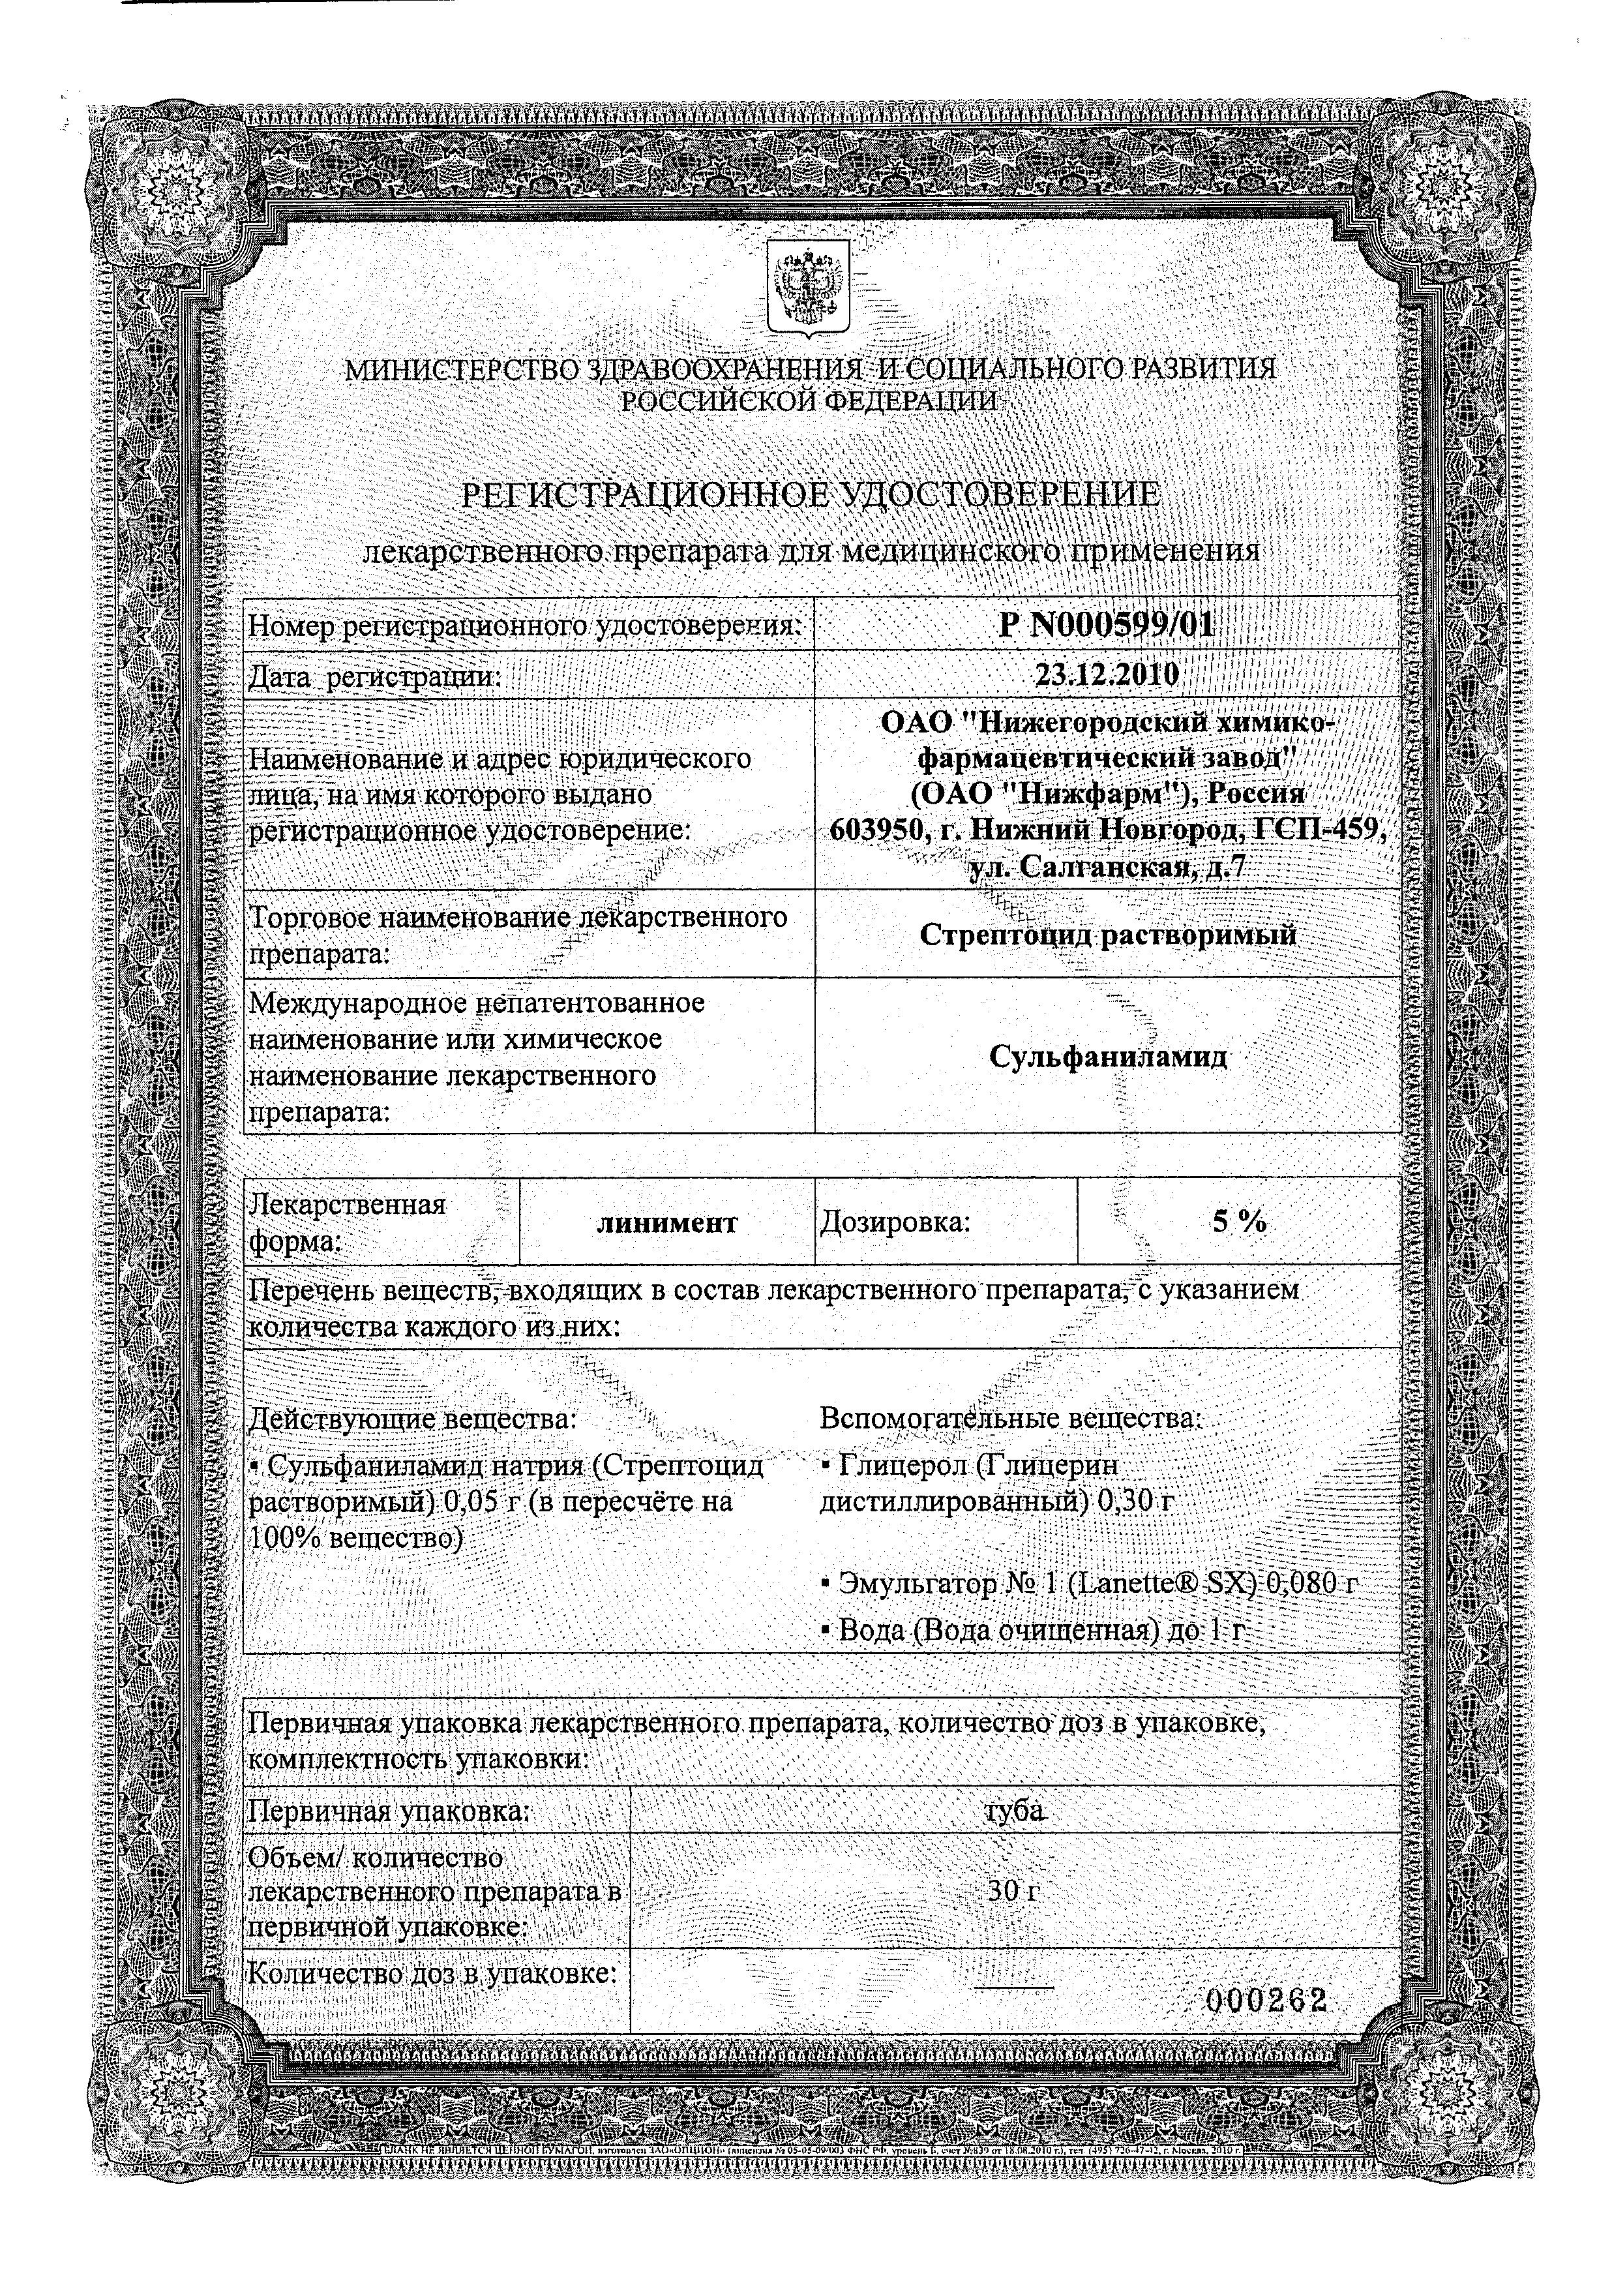 Стрептоцид растворимый сертификат